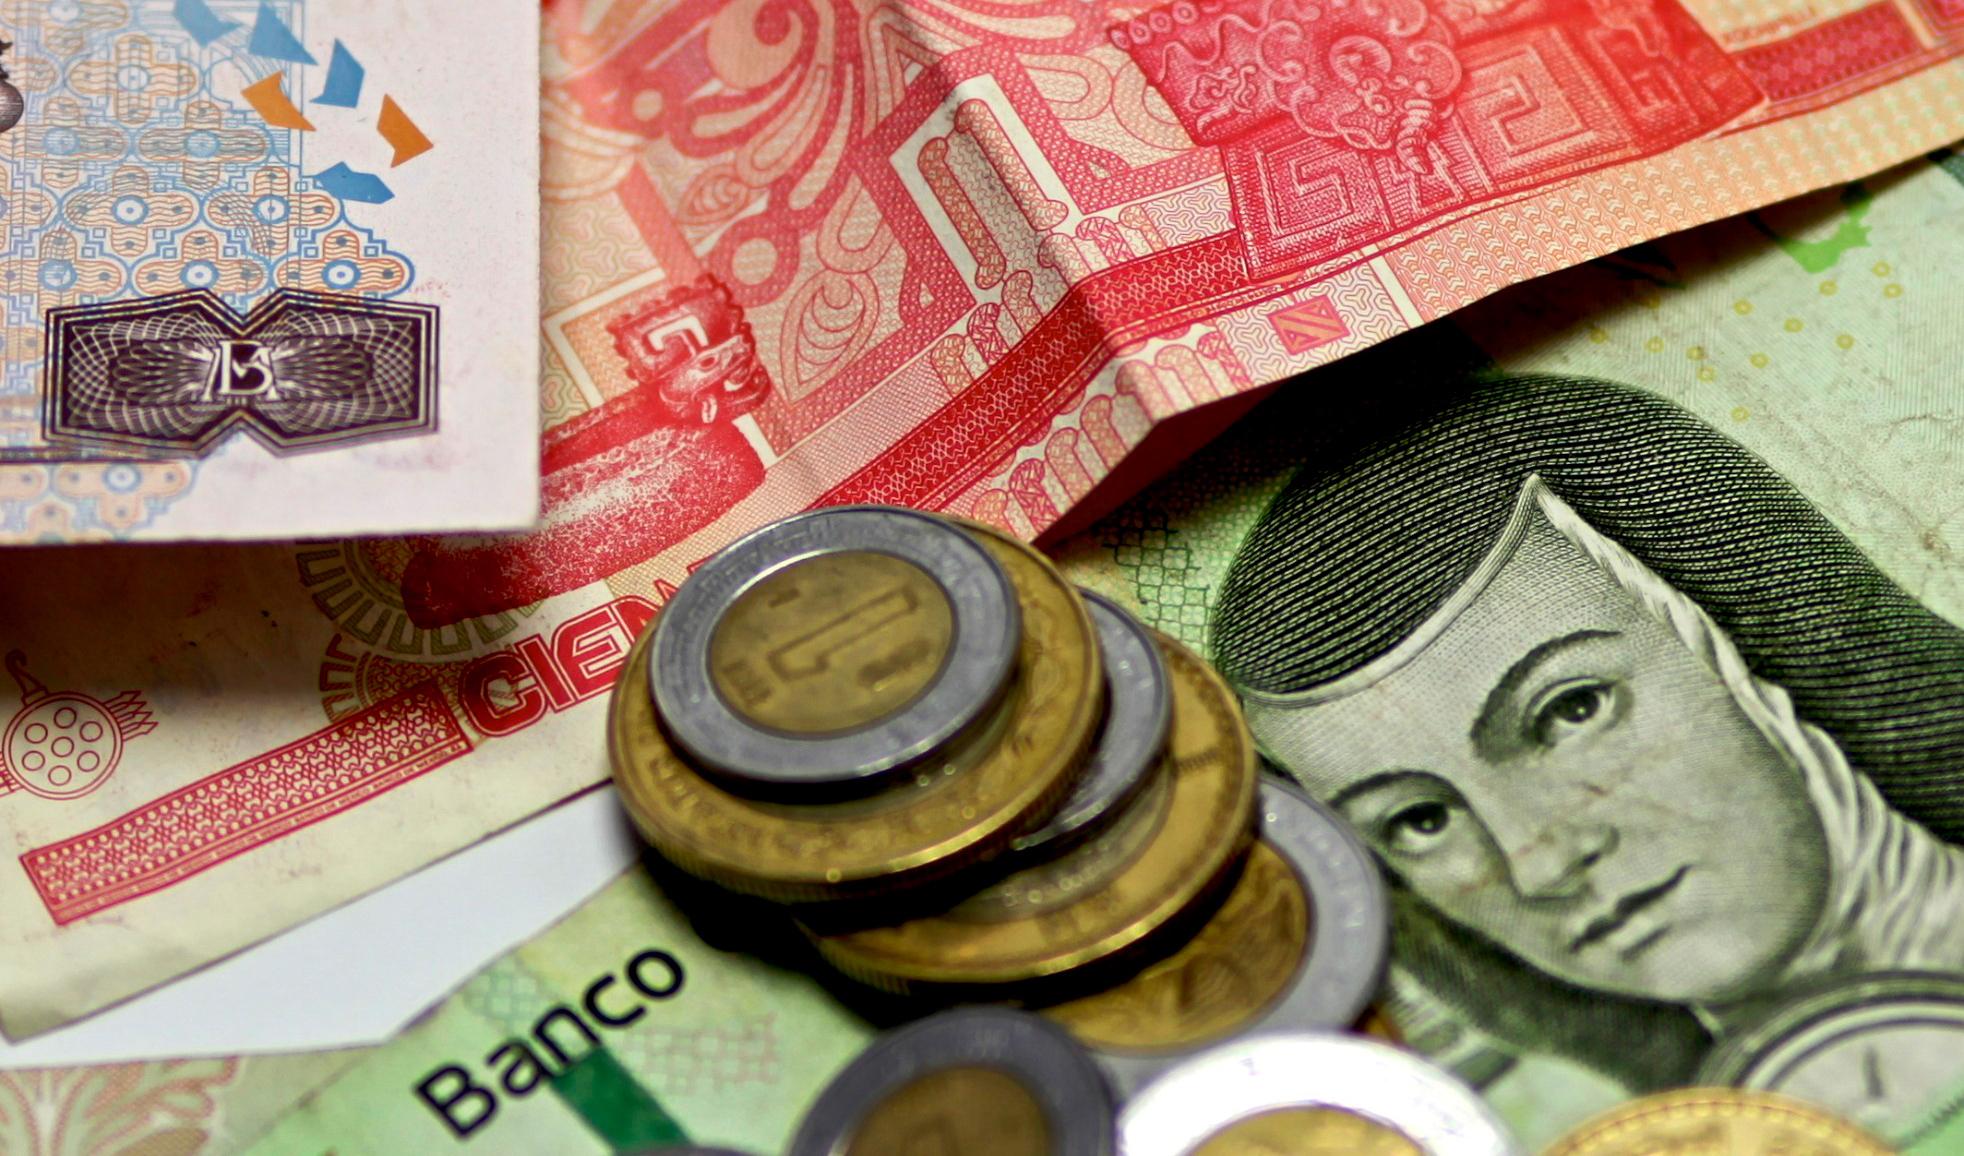 Bajos salarios, pendiente económico en Yucatán